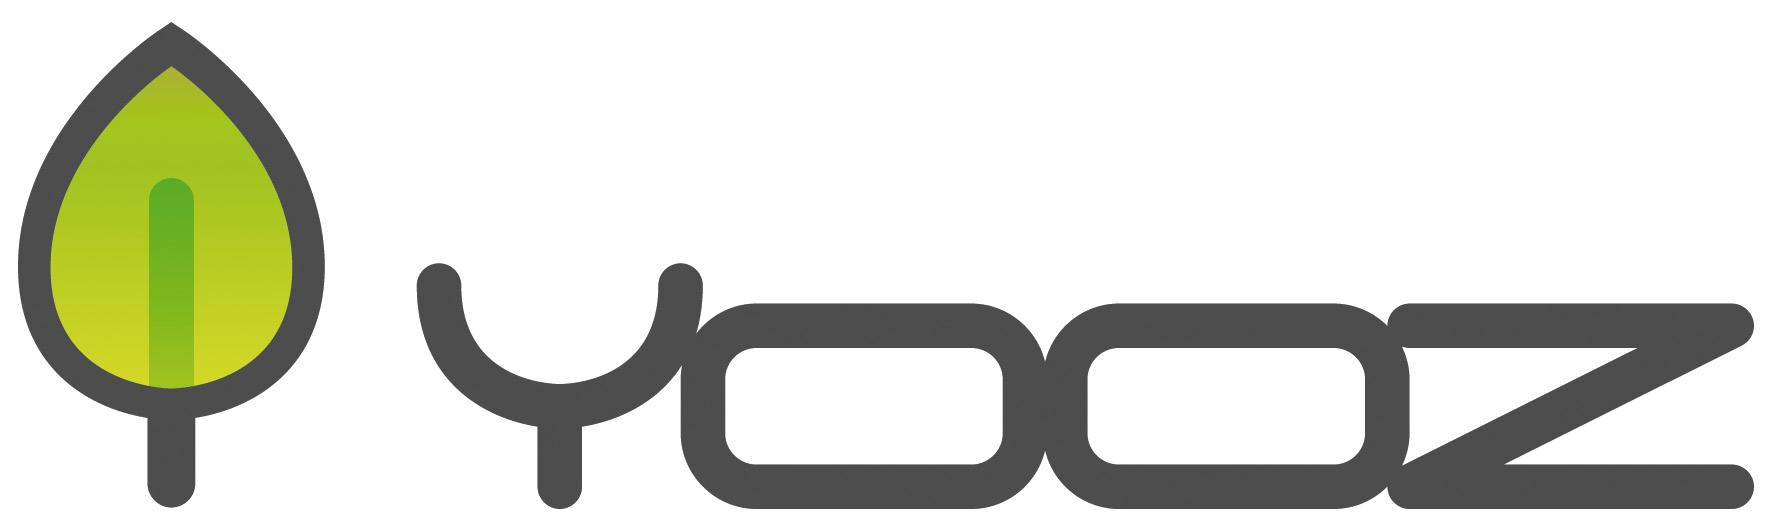 Yooz logo bordblanc 15cm rvb